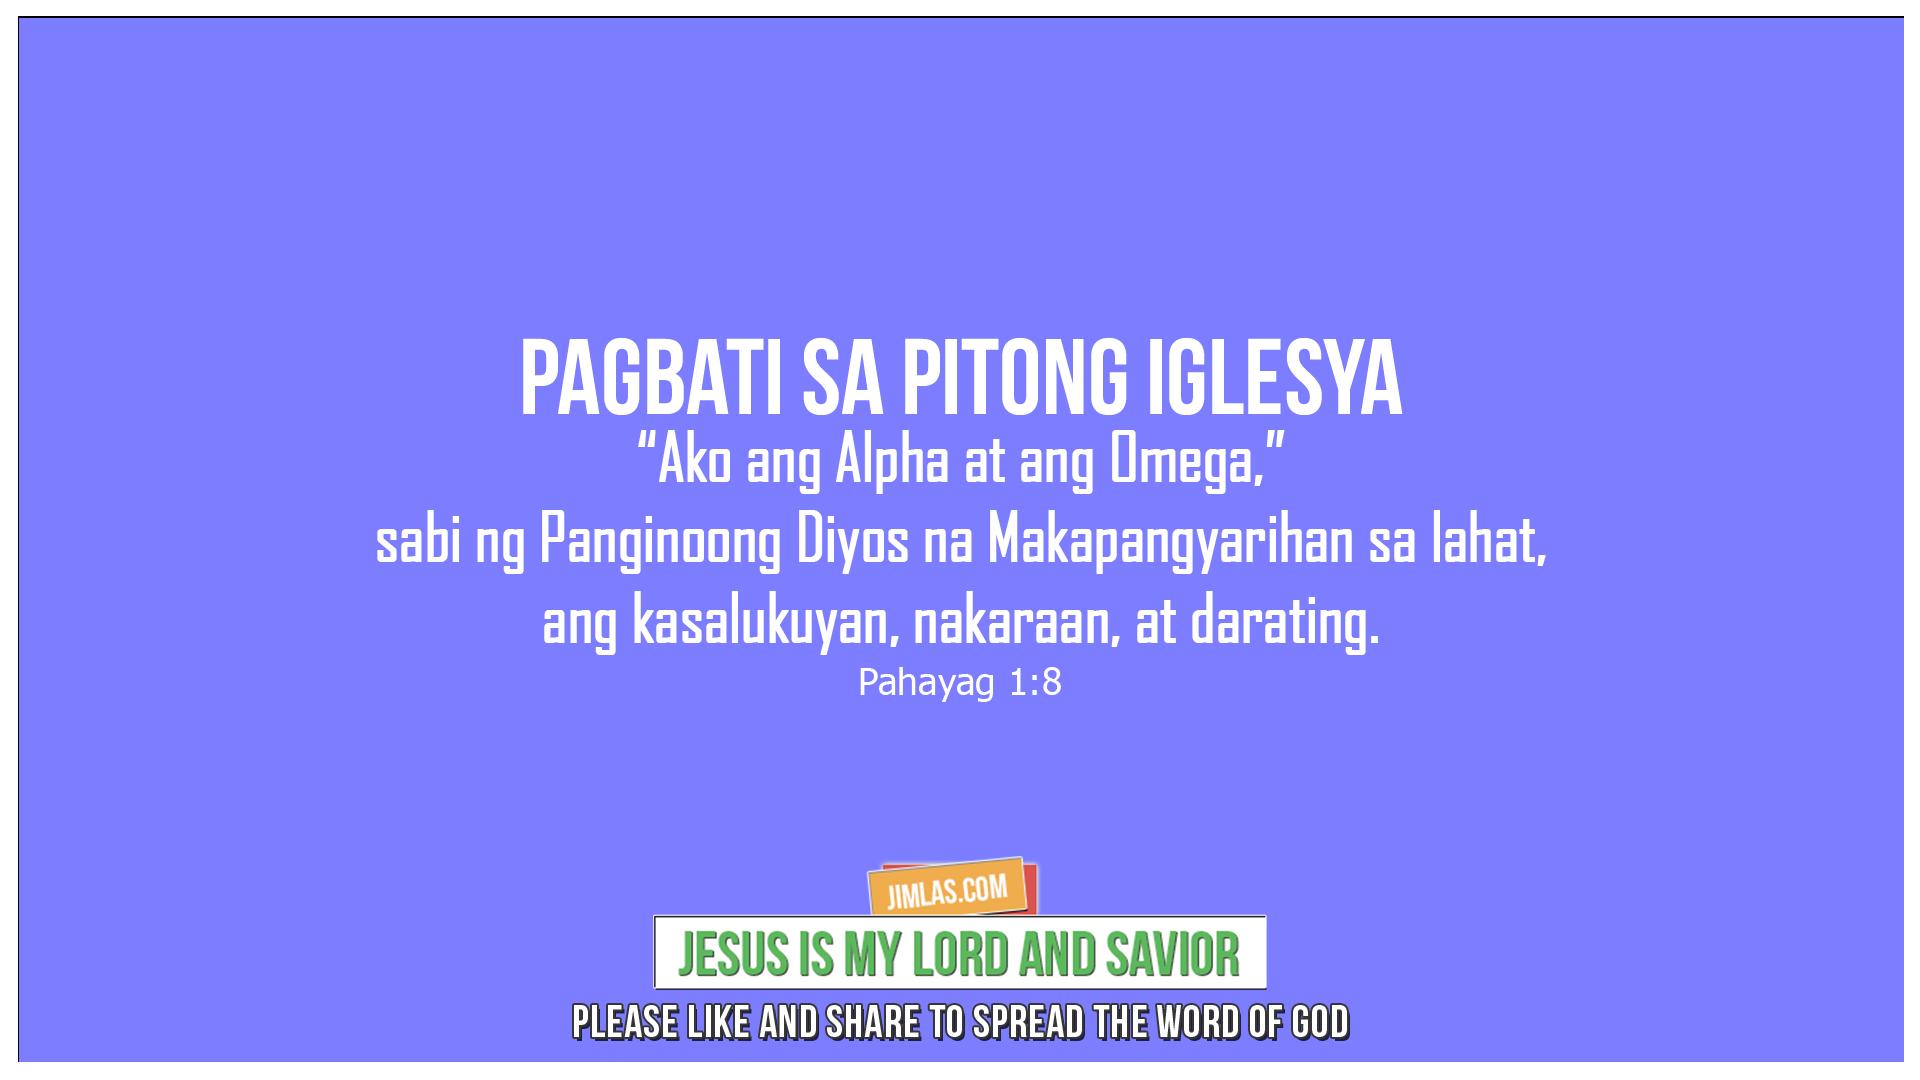 Pahayag 1:8, Pahayag 1:8